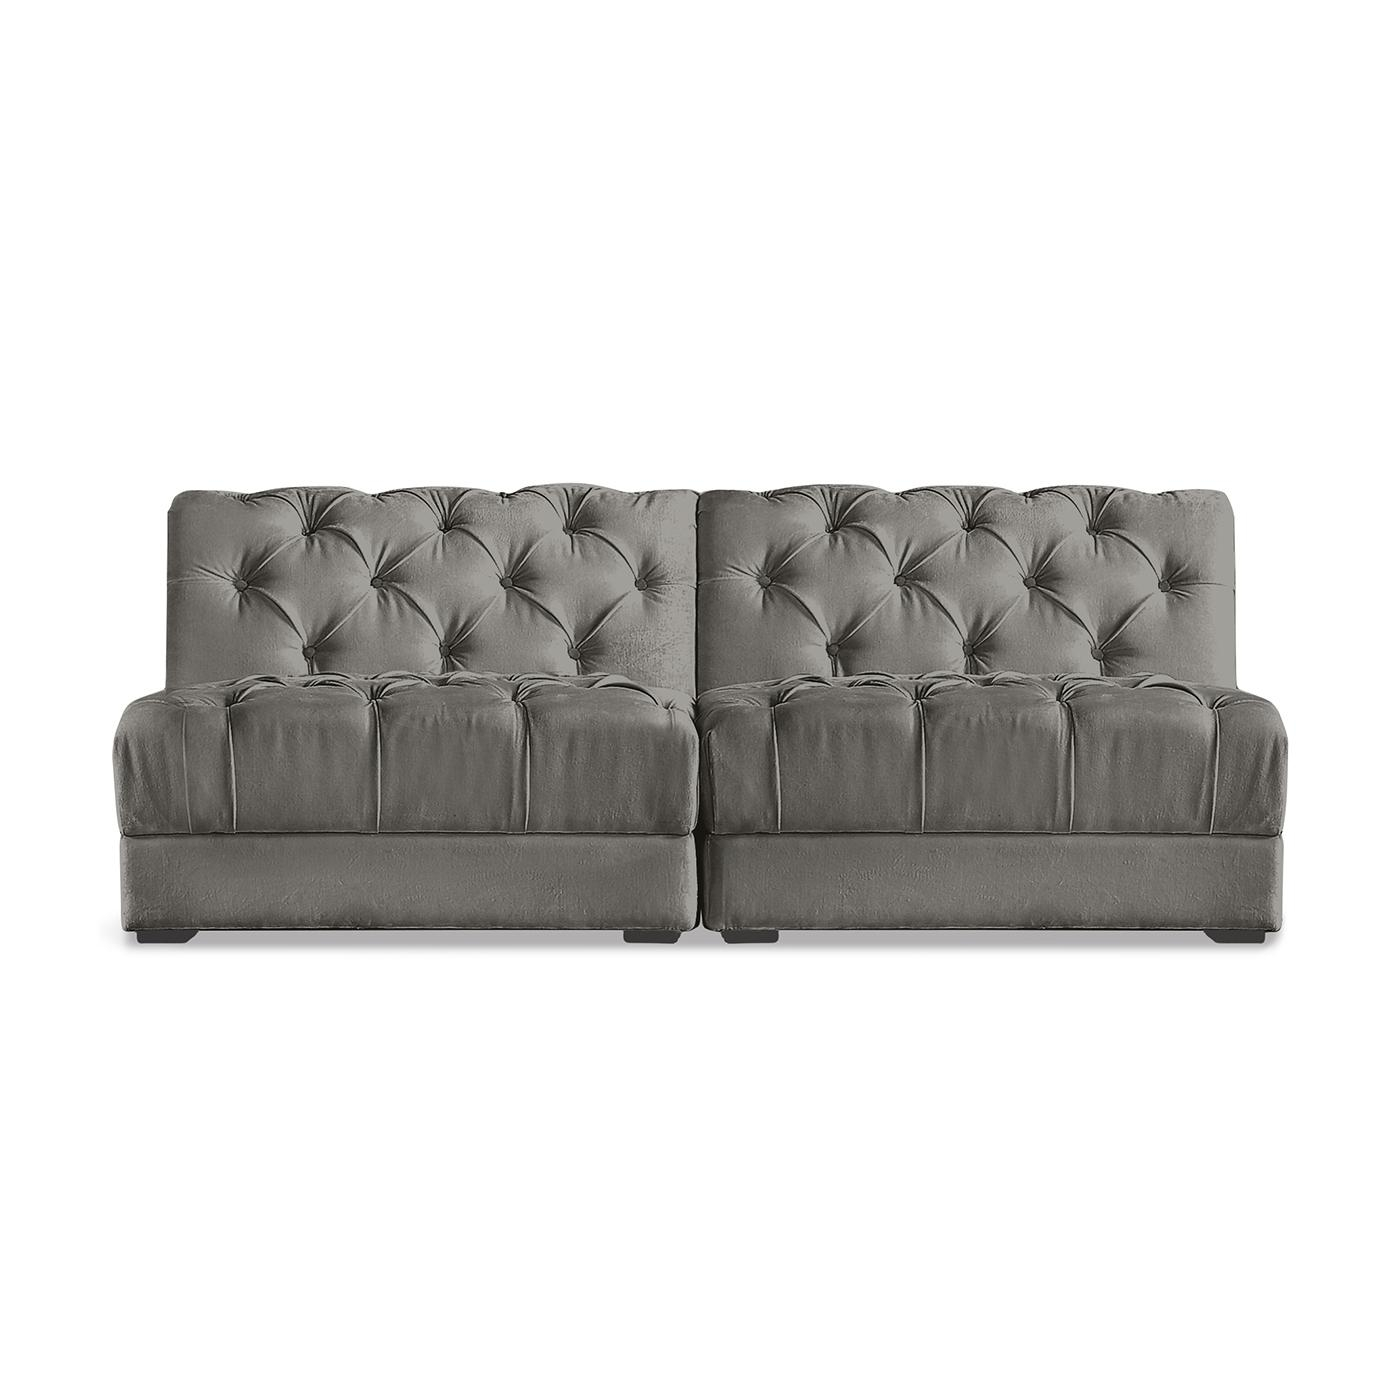 Ultra Slipper Sofa | Modern Furniture | Jonathan Adler Throughout Slipper Sofas (View 14 of 20)